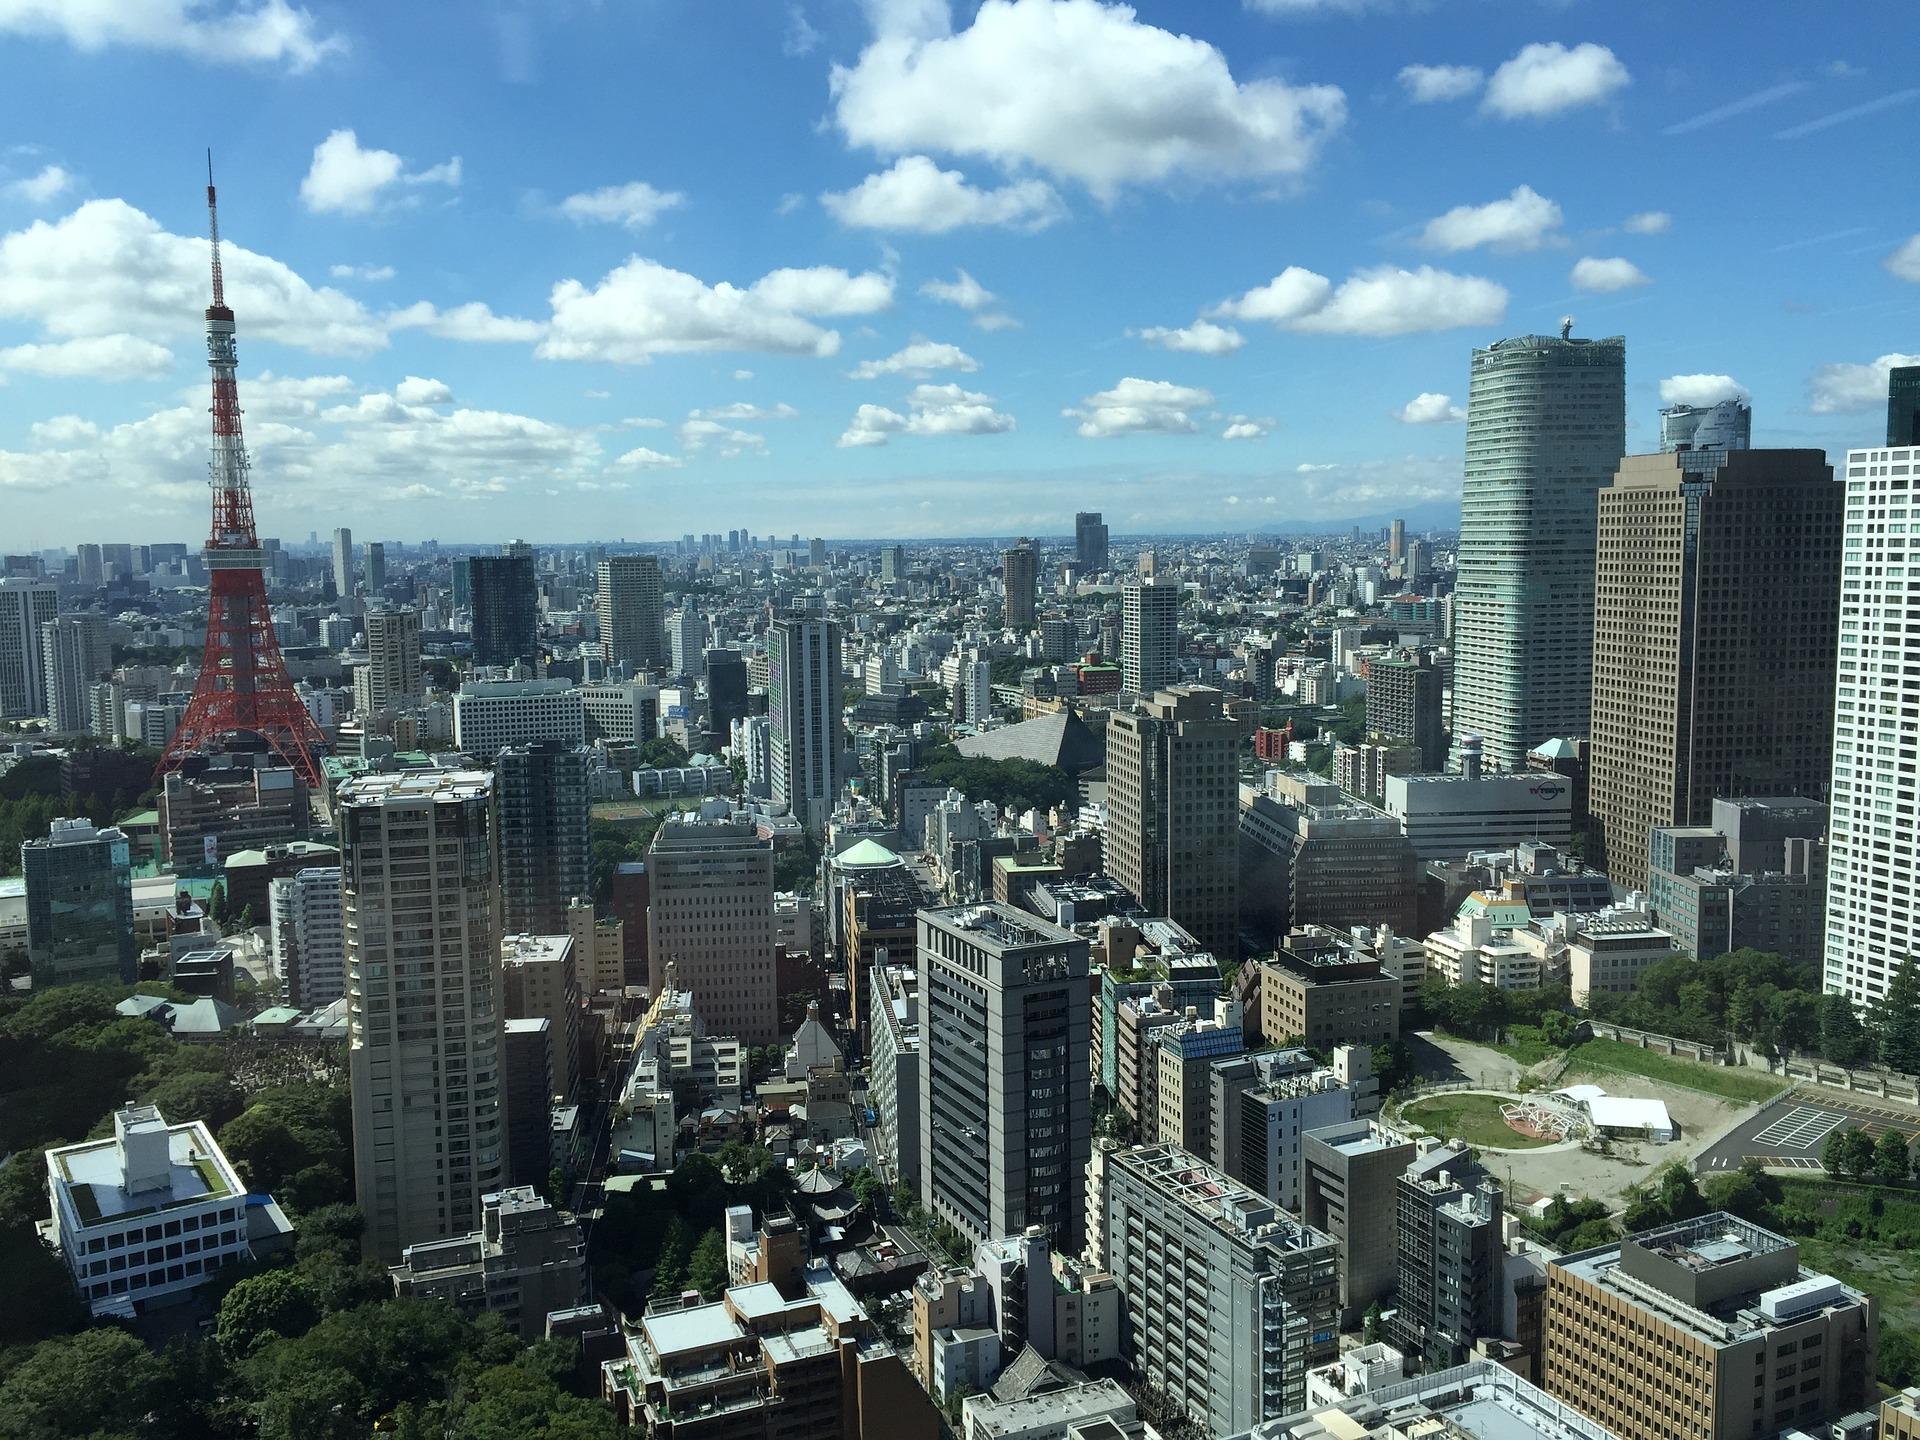 東京の夏のデートスポットおすすめ11選!屋内で涼しい!穴場やイベントも!